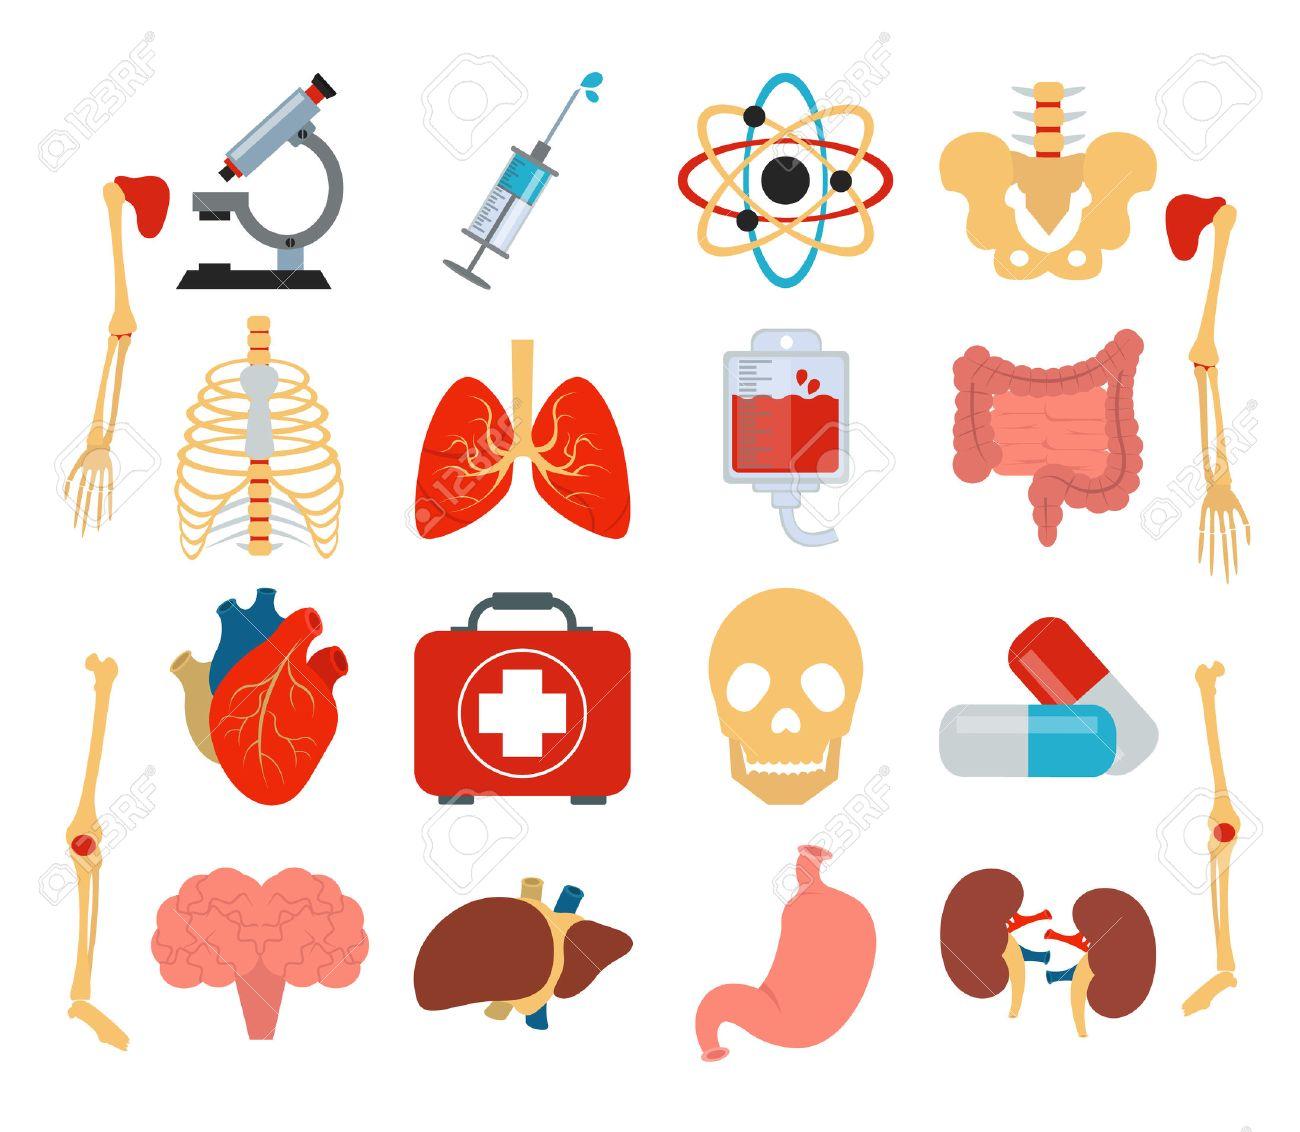 Stock Vector Medicina Anatomía Icono Conjunto Plana Ilustraciones ...